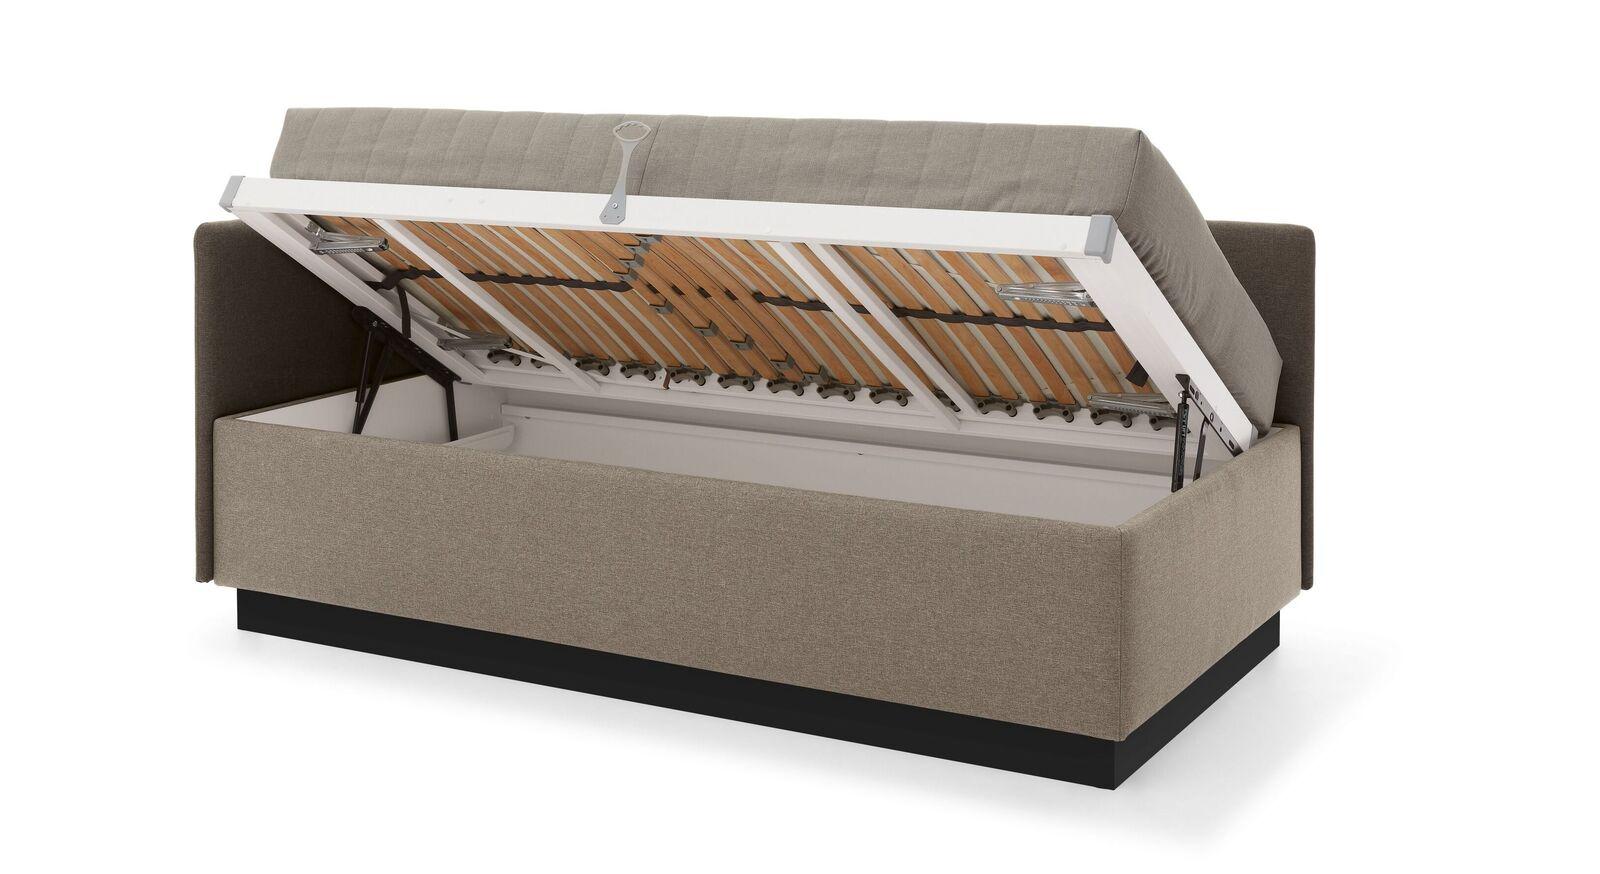 MUSTERRING Studioliege Elpaso mit Sockel und integriertem Stauraum